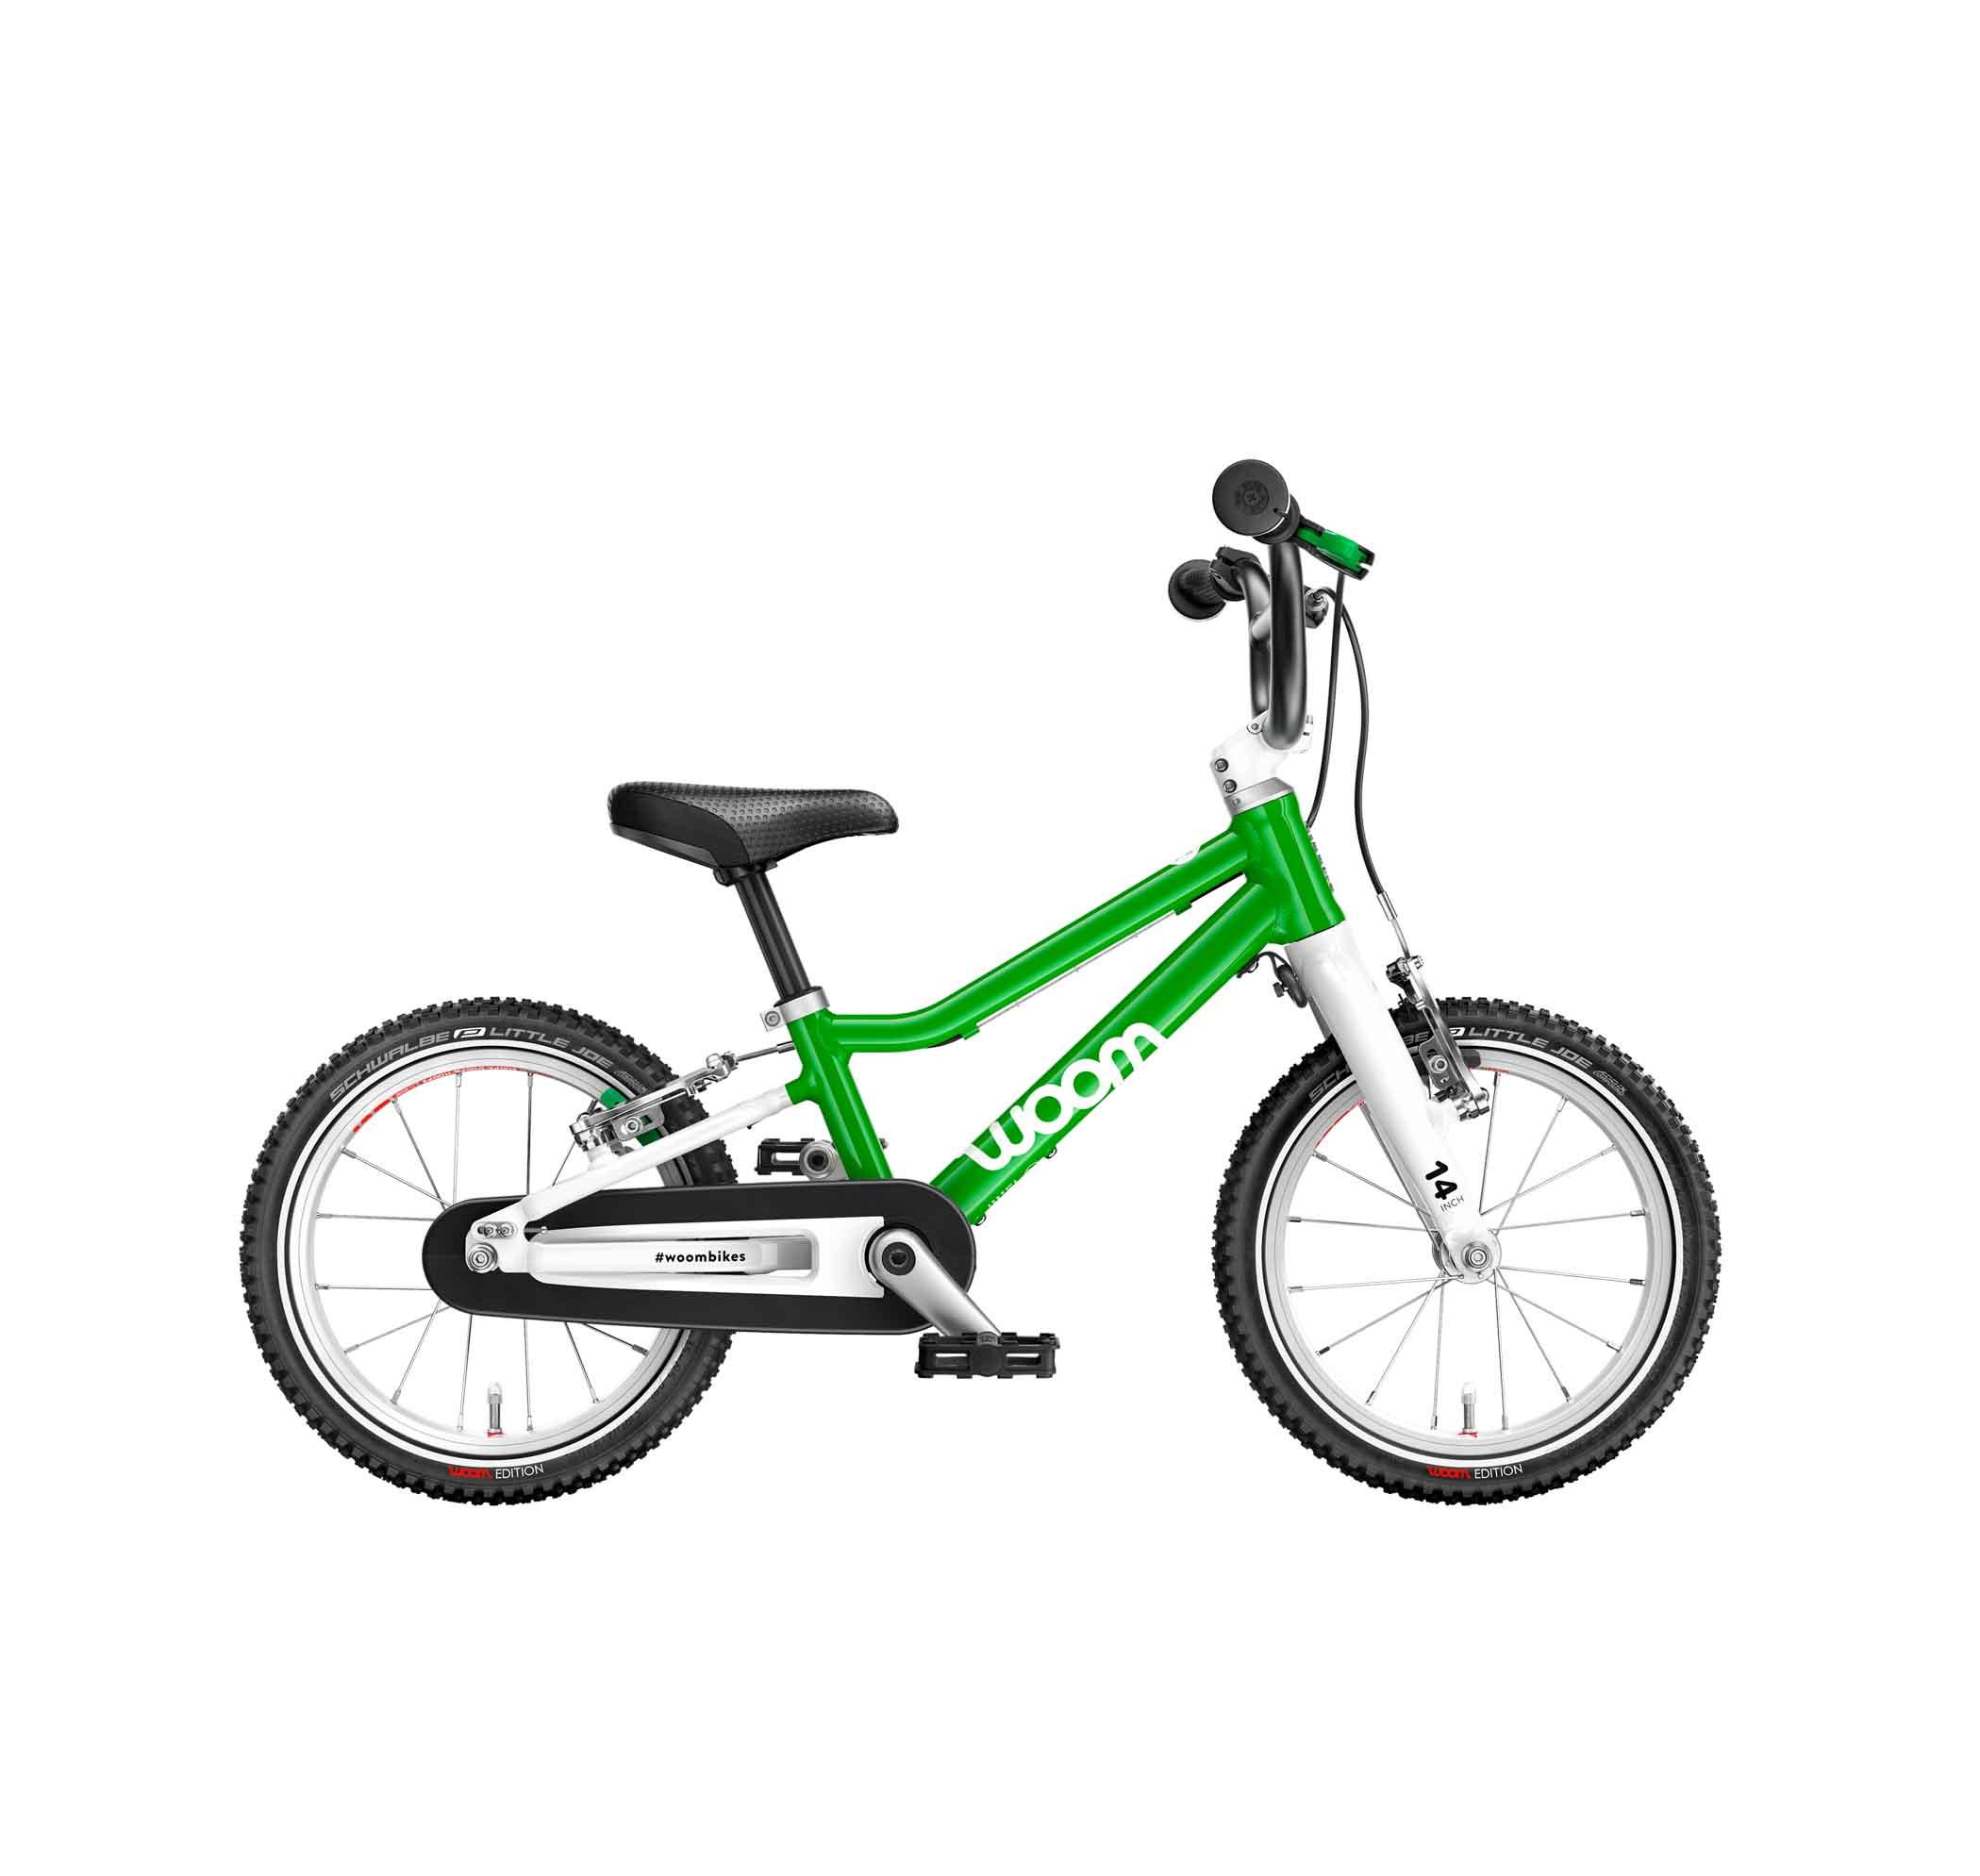 Woom_Rodeo_Bike_Woom_2_Green